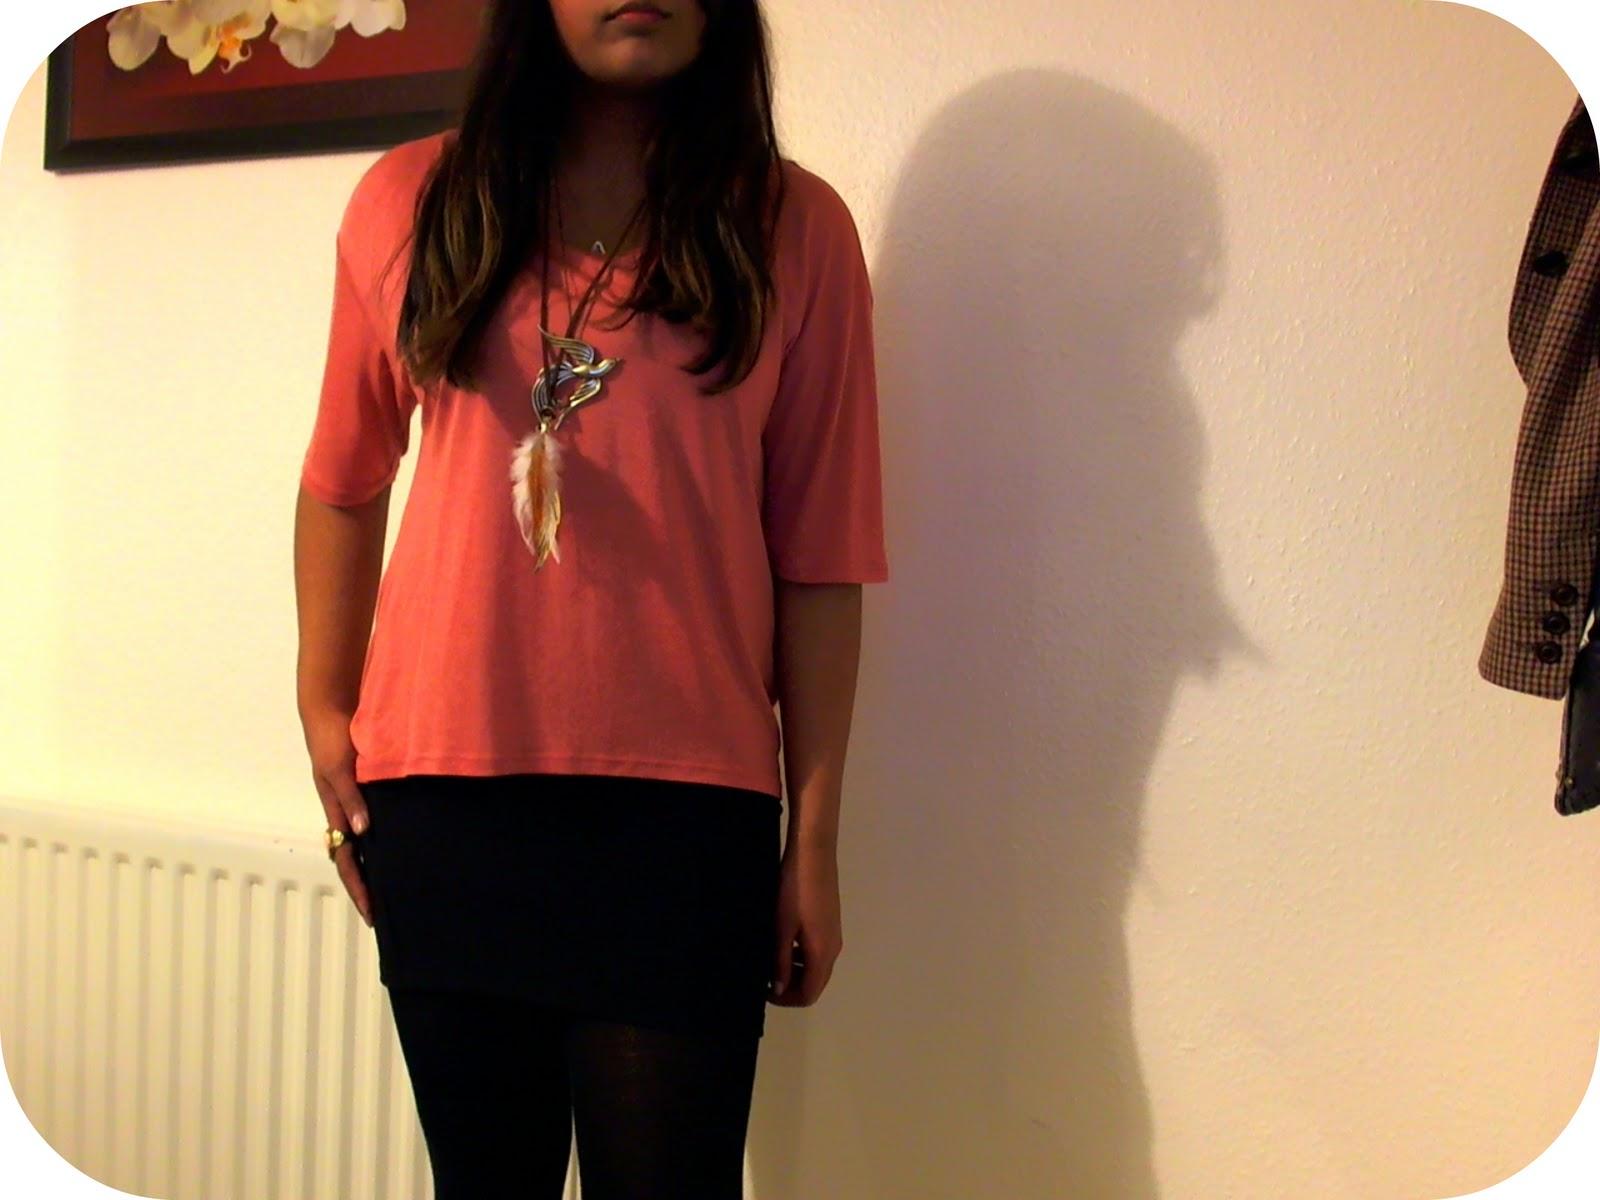 http://1.bp.blogspot.com/_1Ge9GiV46TM/TUYGre5kNBI/AAAAAAAAAfk/VnmrOjf-7mU/s1600/wearing2.jpg